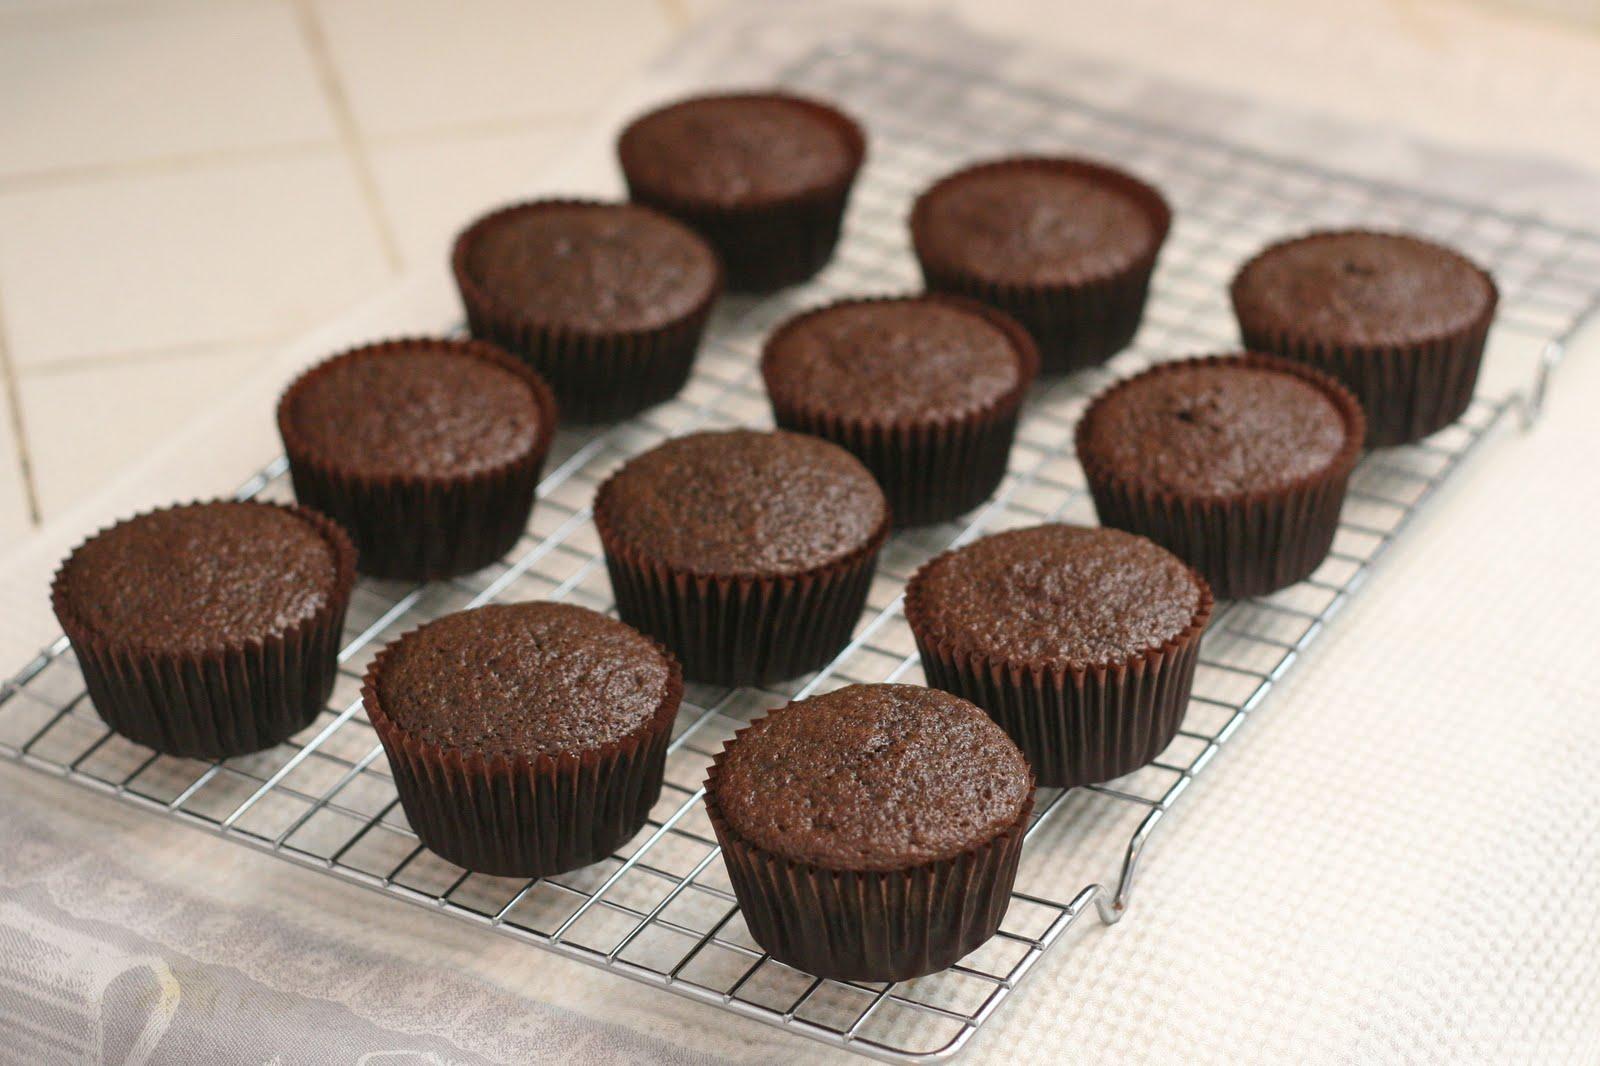 Sử dụng lót bánh cupcake sử dụng lót bánh cupcake Sử dụng lót bánh cupcake đúng cách, bạn đã biết chưa? cach su dung lot banh cupcake 0